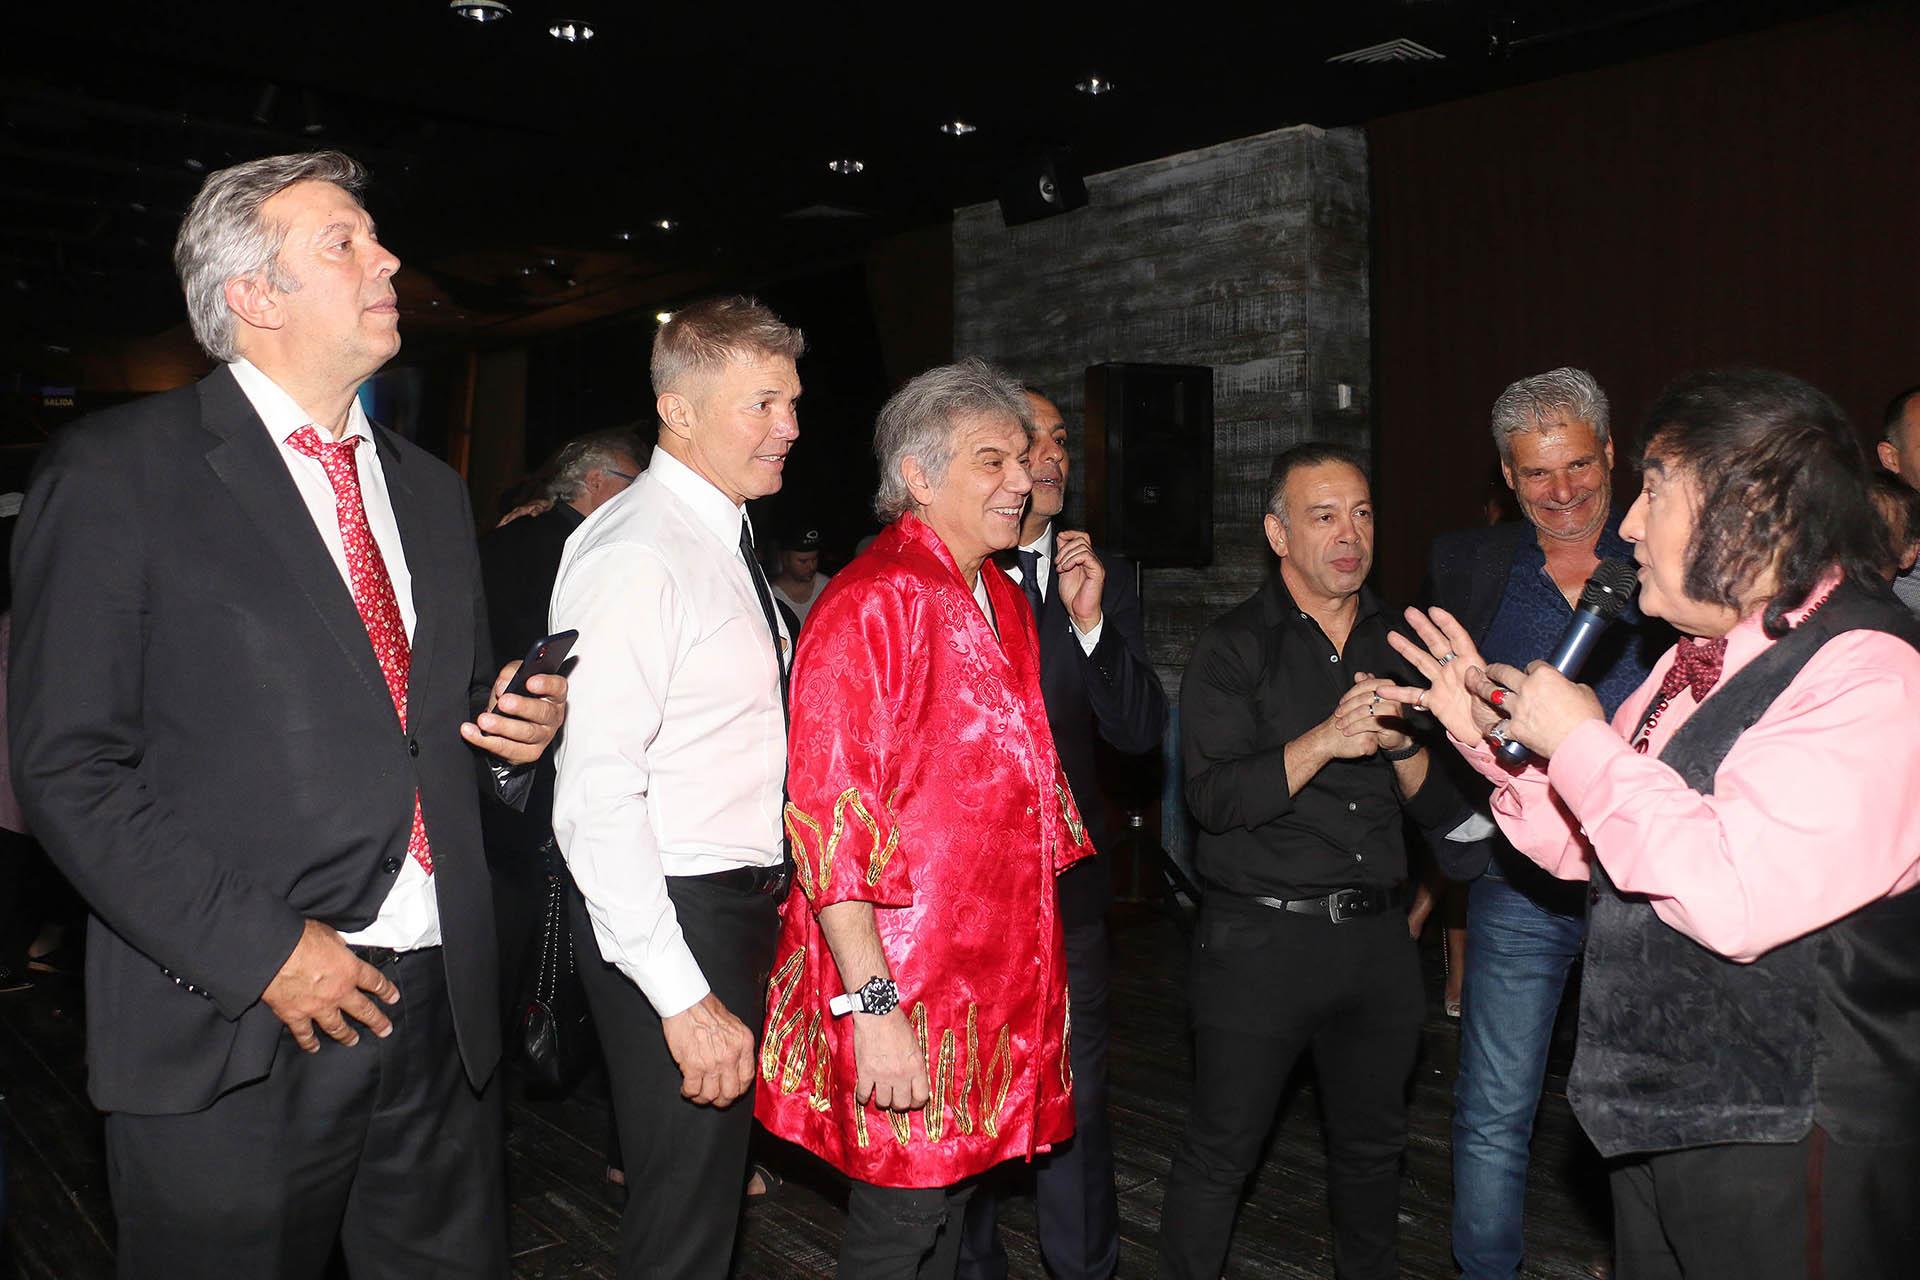 Beto Casella, uno de los más divertidos, hizo reír a todos al ponerse la bata del doble de Sandro